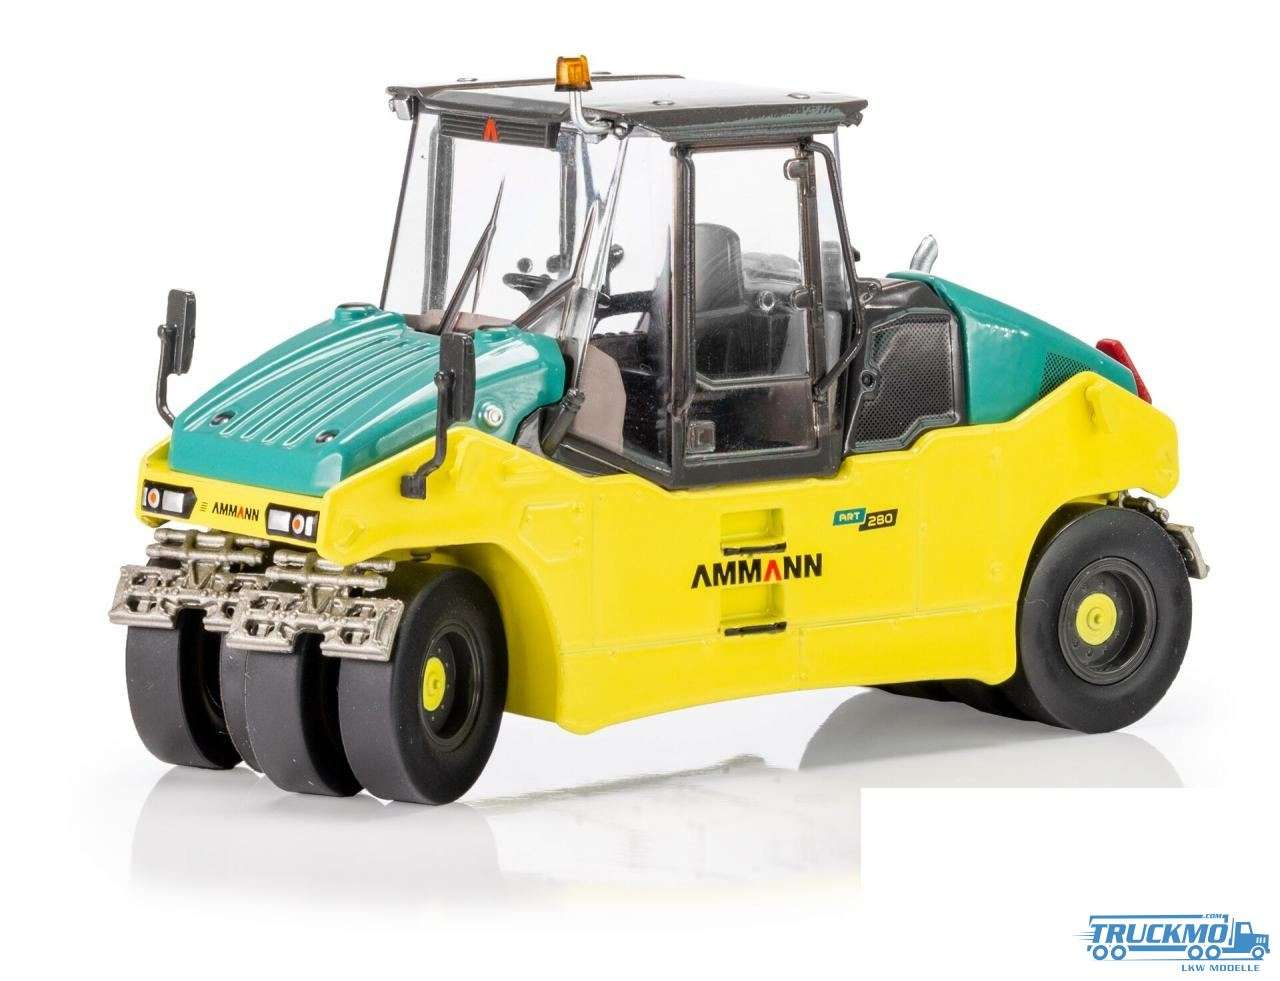 USK Scalemodels Ammann ART280 pneumatische Walze 31016